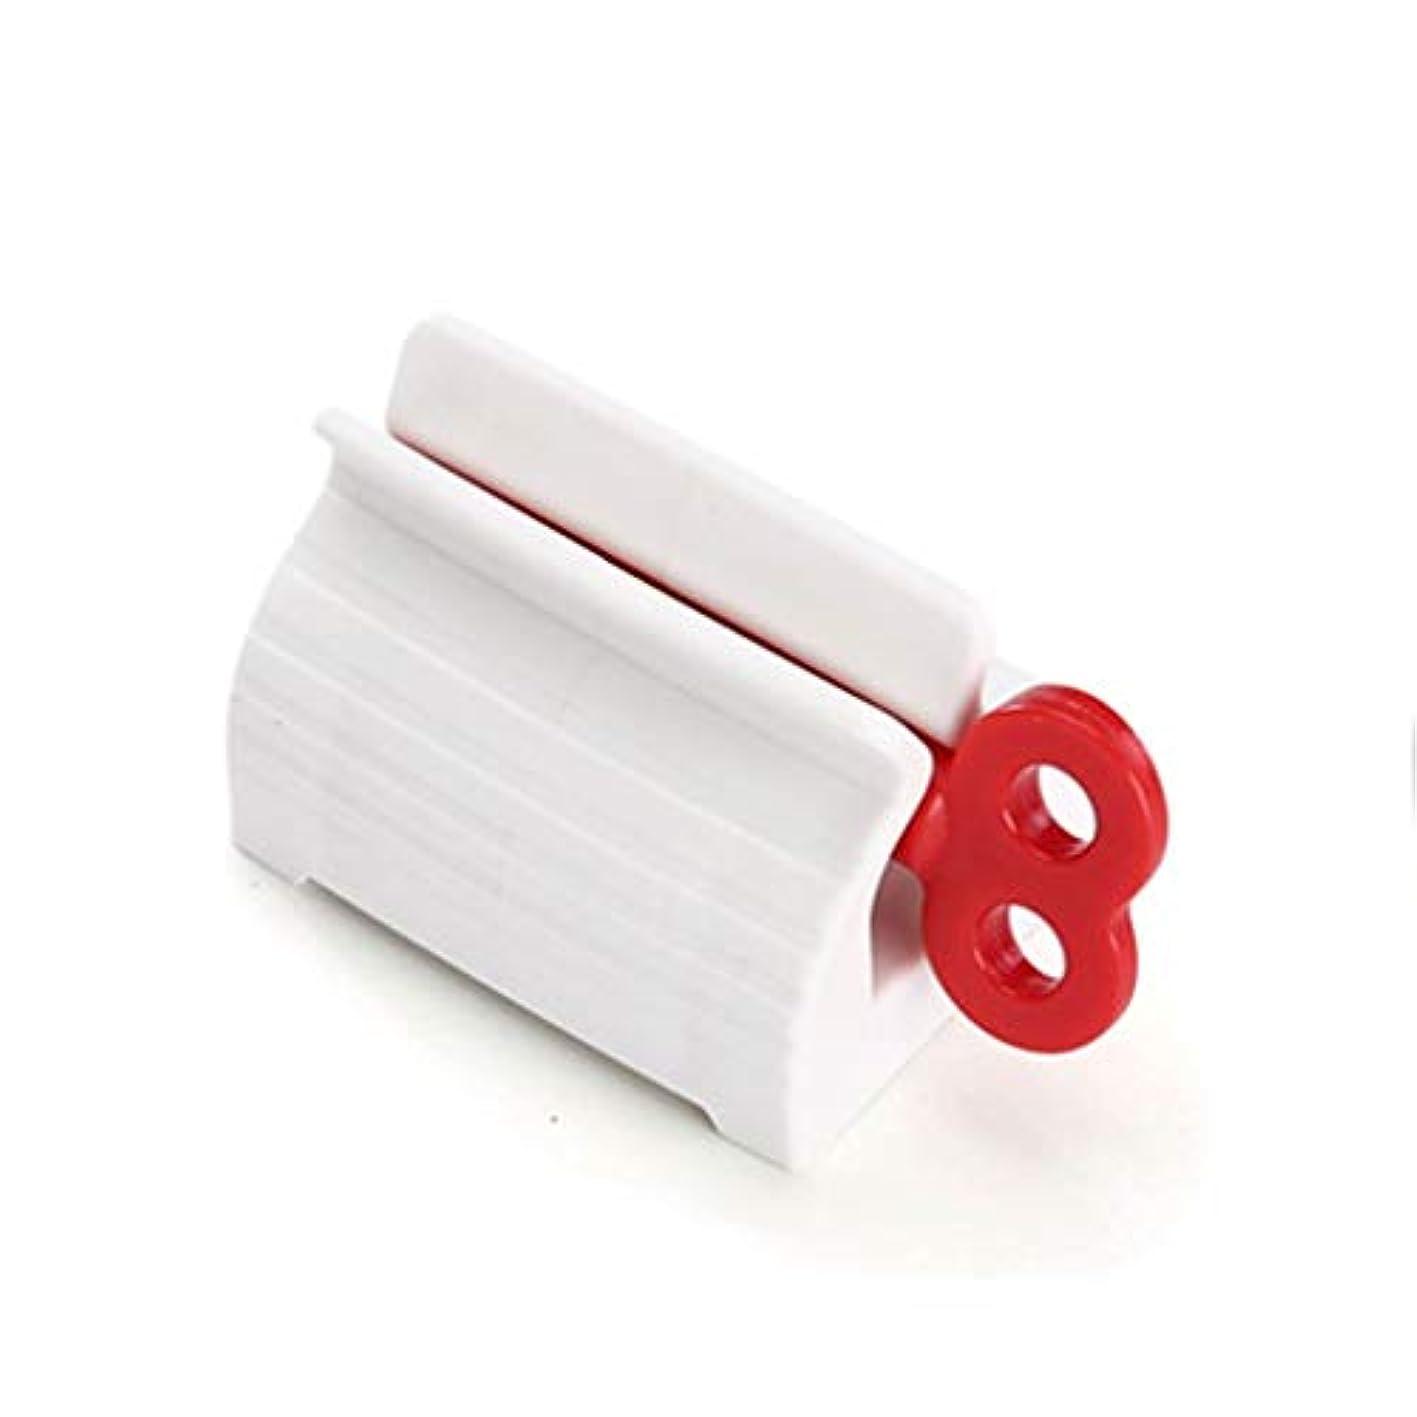 校長グレードループuzinbyチューブ絞り器 軟膏押出器 ハンドクリーム 歯磨き粉チューブスクイーザー